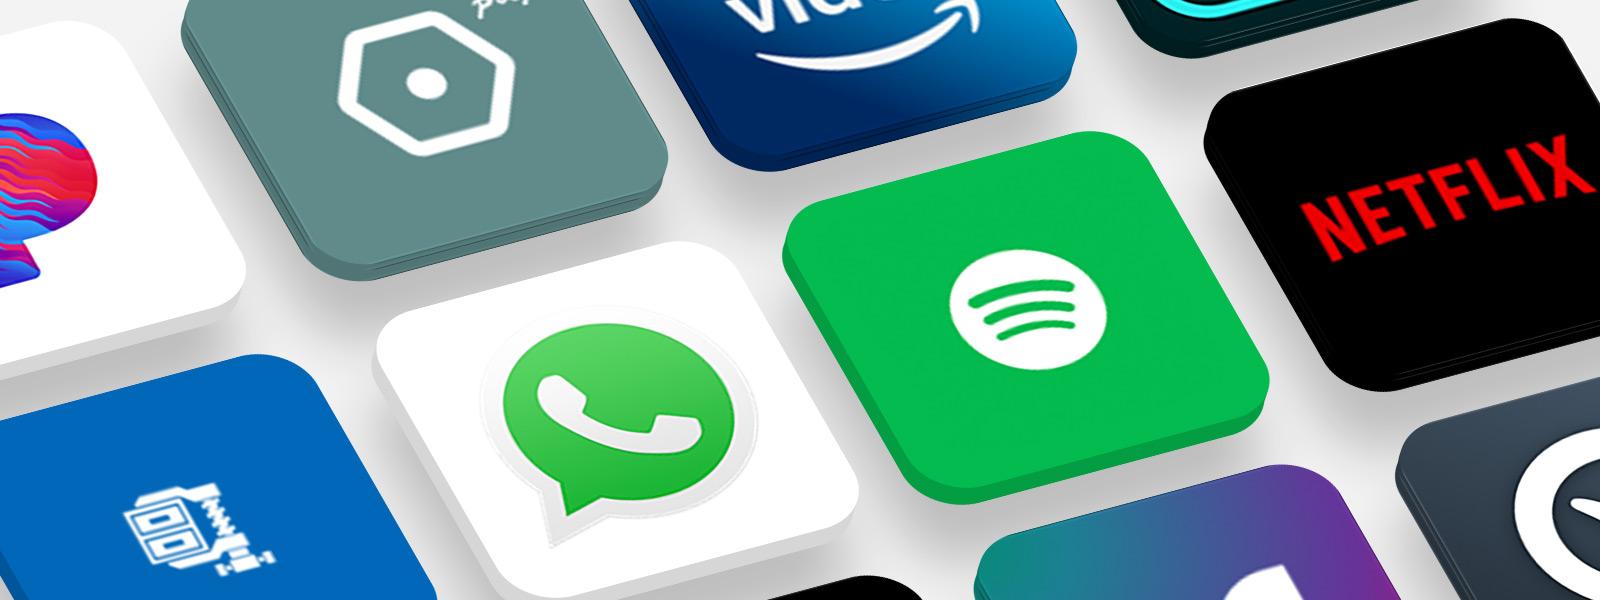 Many popular application logos